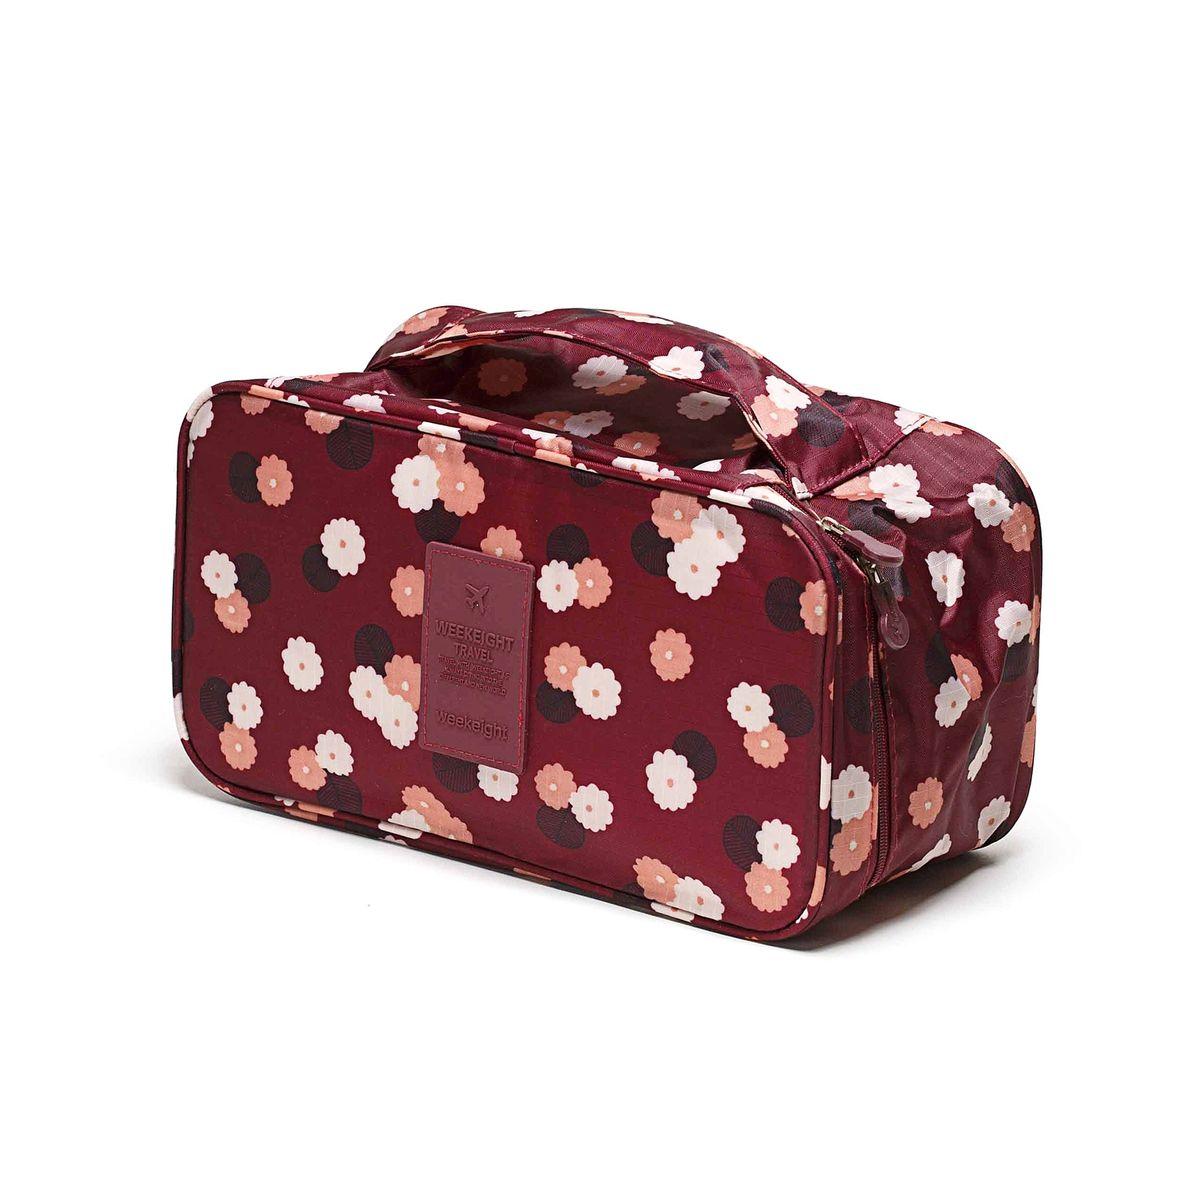 Косметичка-органайзер Homsu Цветок, цвет: бордовый, белый, розовый, 28 x 13 x 15 смHOM-356Косметичка-органайзер Homsu Цветок выполнена из высококачественного полиэстера. Закрывается изделие на застежку-молнию. Внутри имеется 4 отделения для мелочей, а также дополнительная сумочка размером 22 х 14 см, которая крепится к косметичке посредством липучки и надежно защищает ваши вещи за счет удобной молнии. Теперь вы сможете всегда брать с собой все, что вам может понадобиться. Сверху органайзера имеется ручка для удобной переноски. Косметичка-органайзер Homsu Цветок станет незаменимым аксессуаром для любой девушки. Размер косметички: 28 х 13 х 15 см. Размер сумочки: 22 х 14 см.